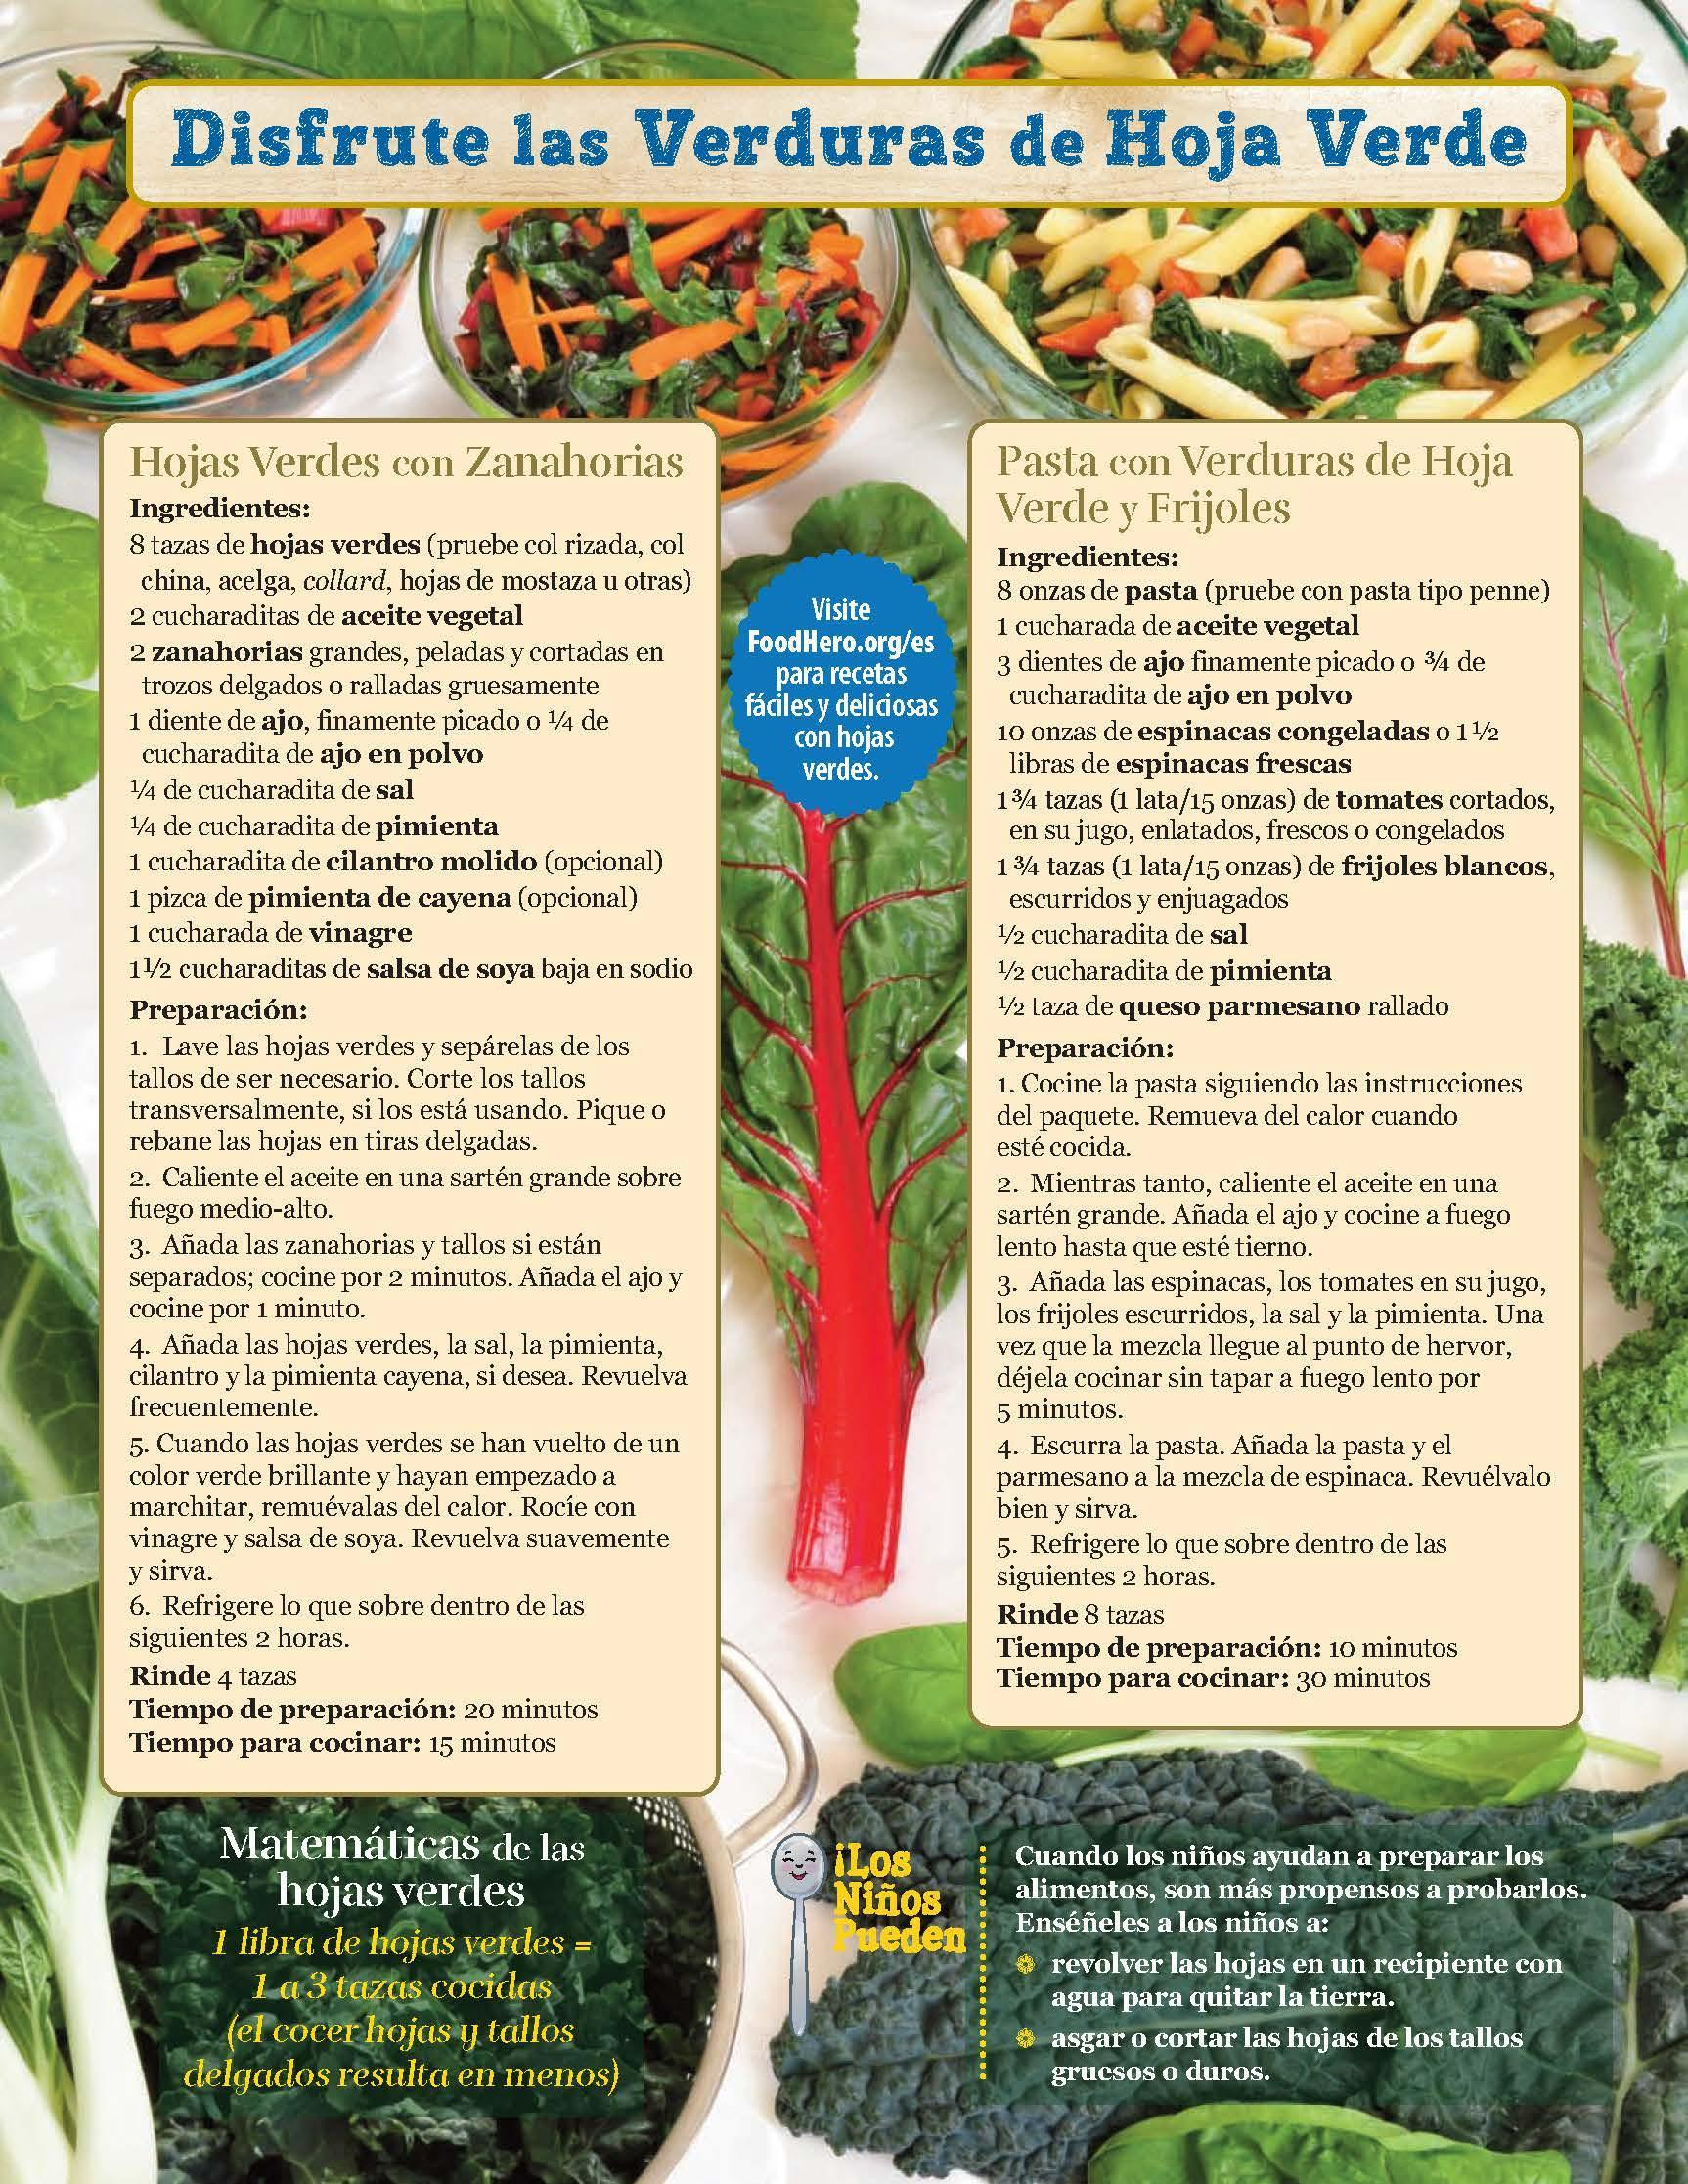 Verduras de Hoja Verde - Héroe de Alimentos Mensuales